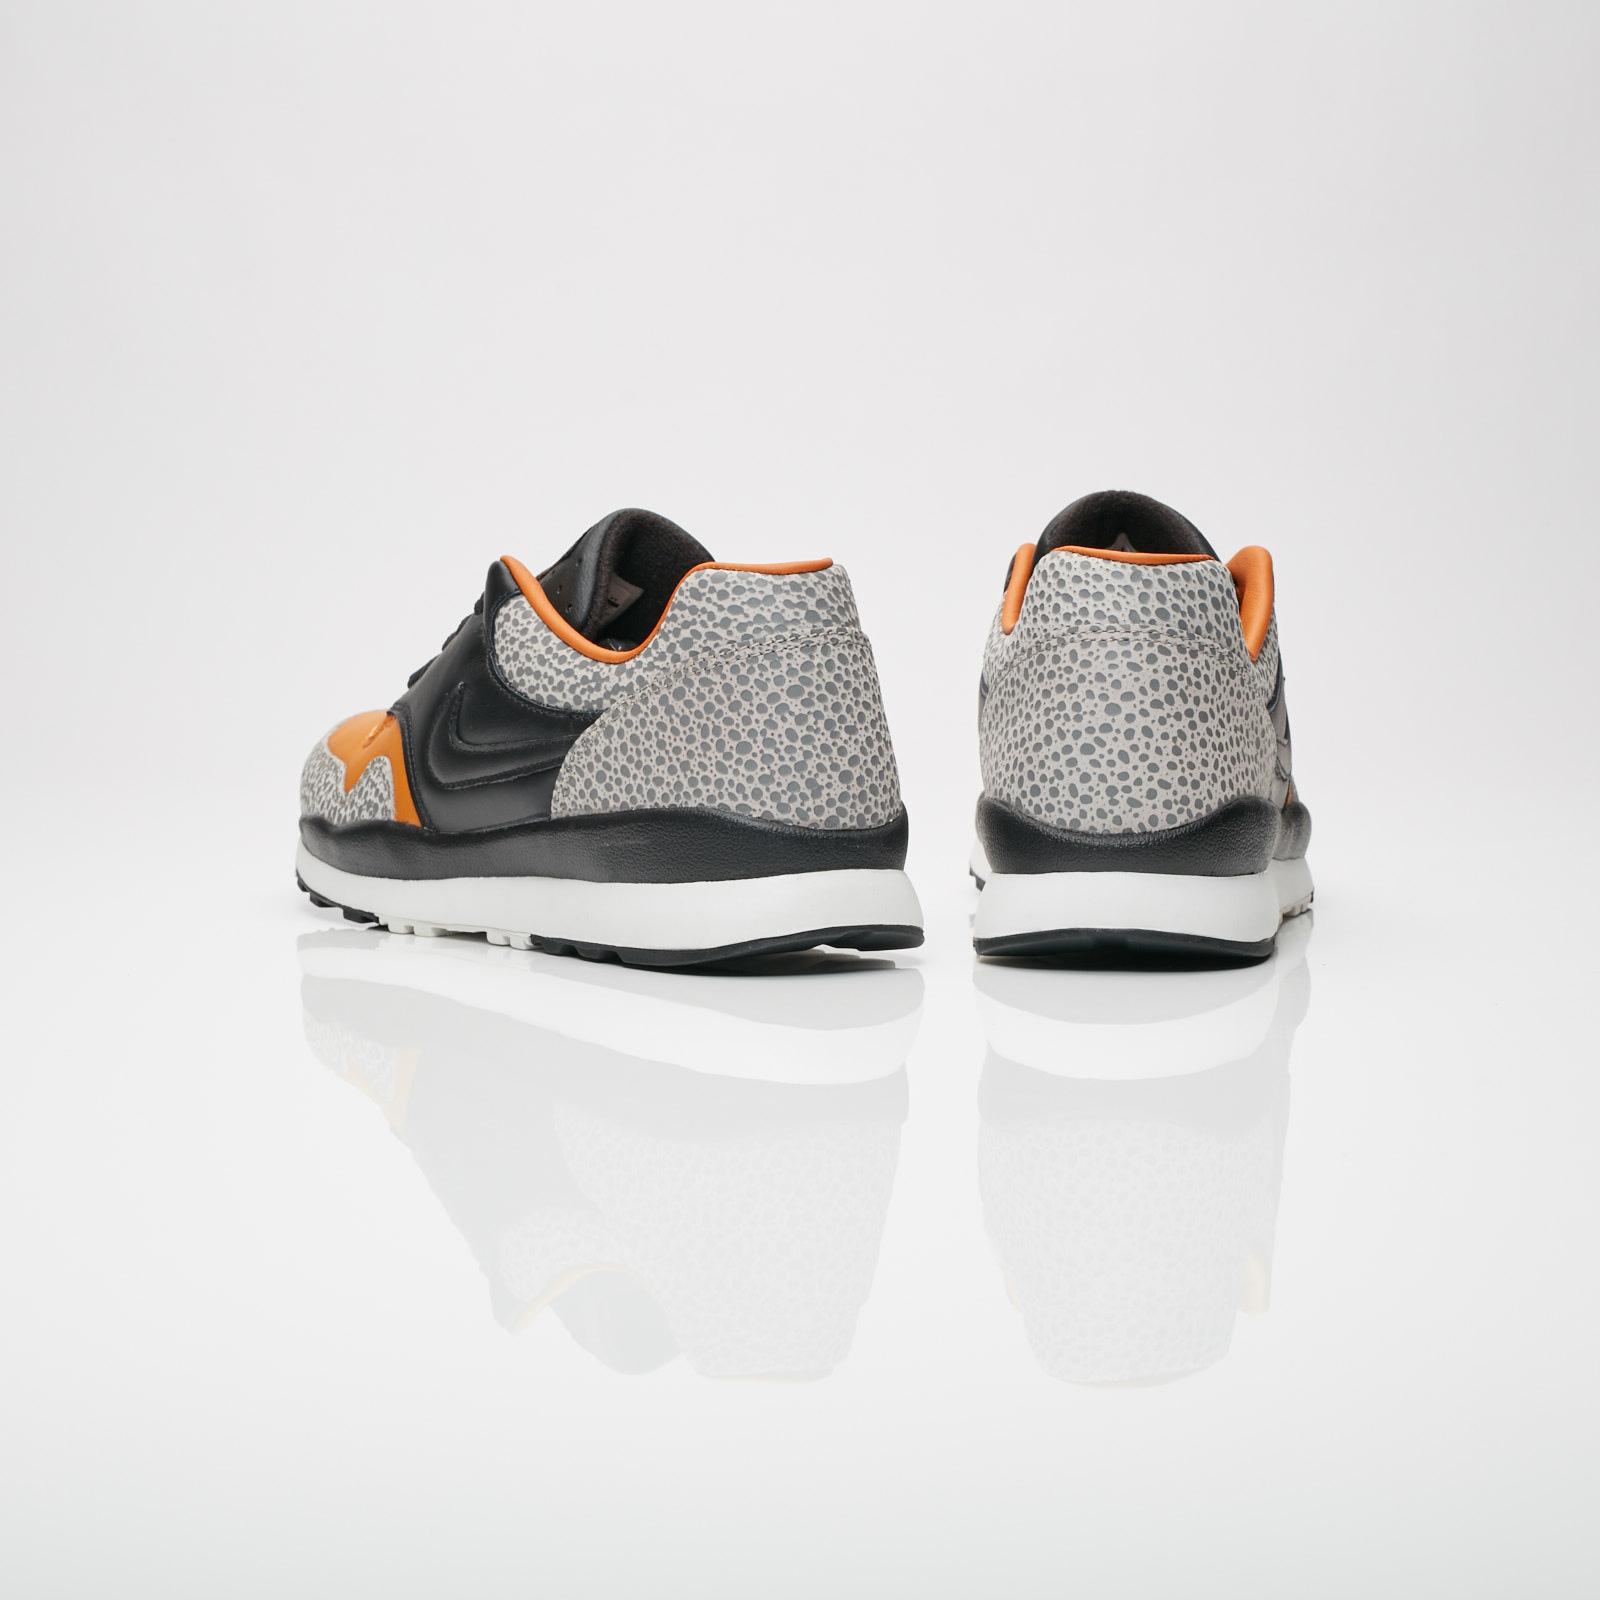 bf3d2f2d524555 Nike Sportswear Air Safari QS Nike Sportswear Air Safari QS ...